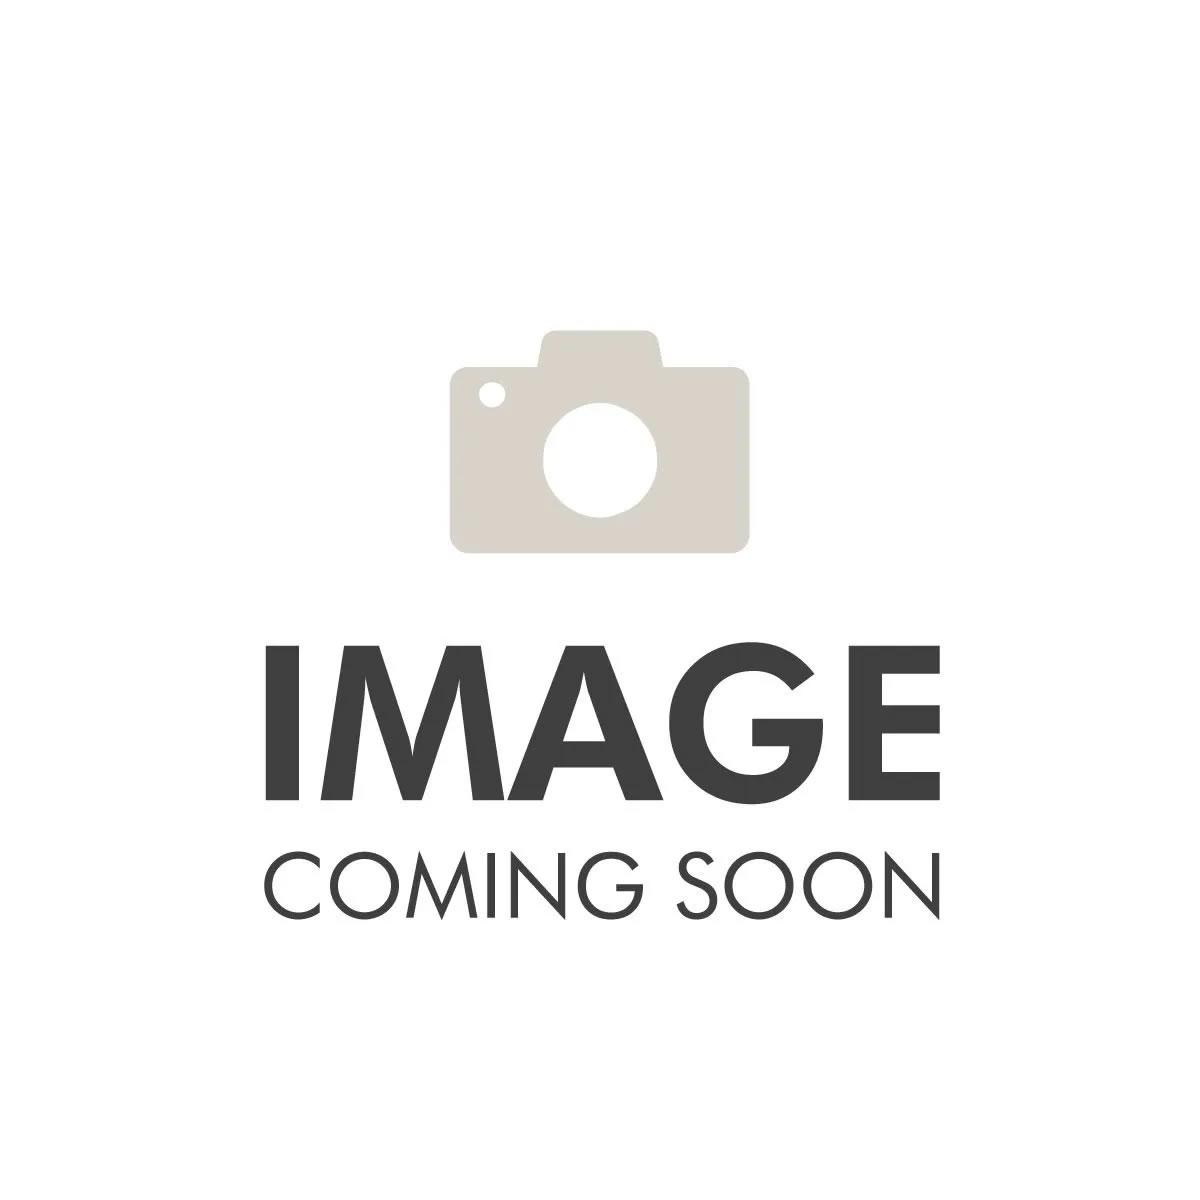 AC Vent Trim Rings, Chrome; 07-10 Jeep Wrangler JK